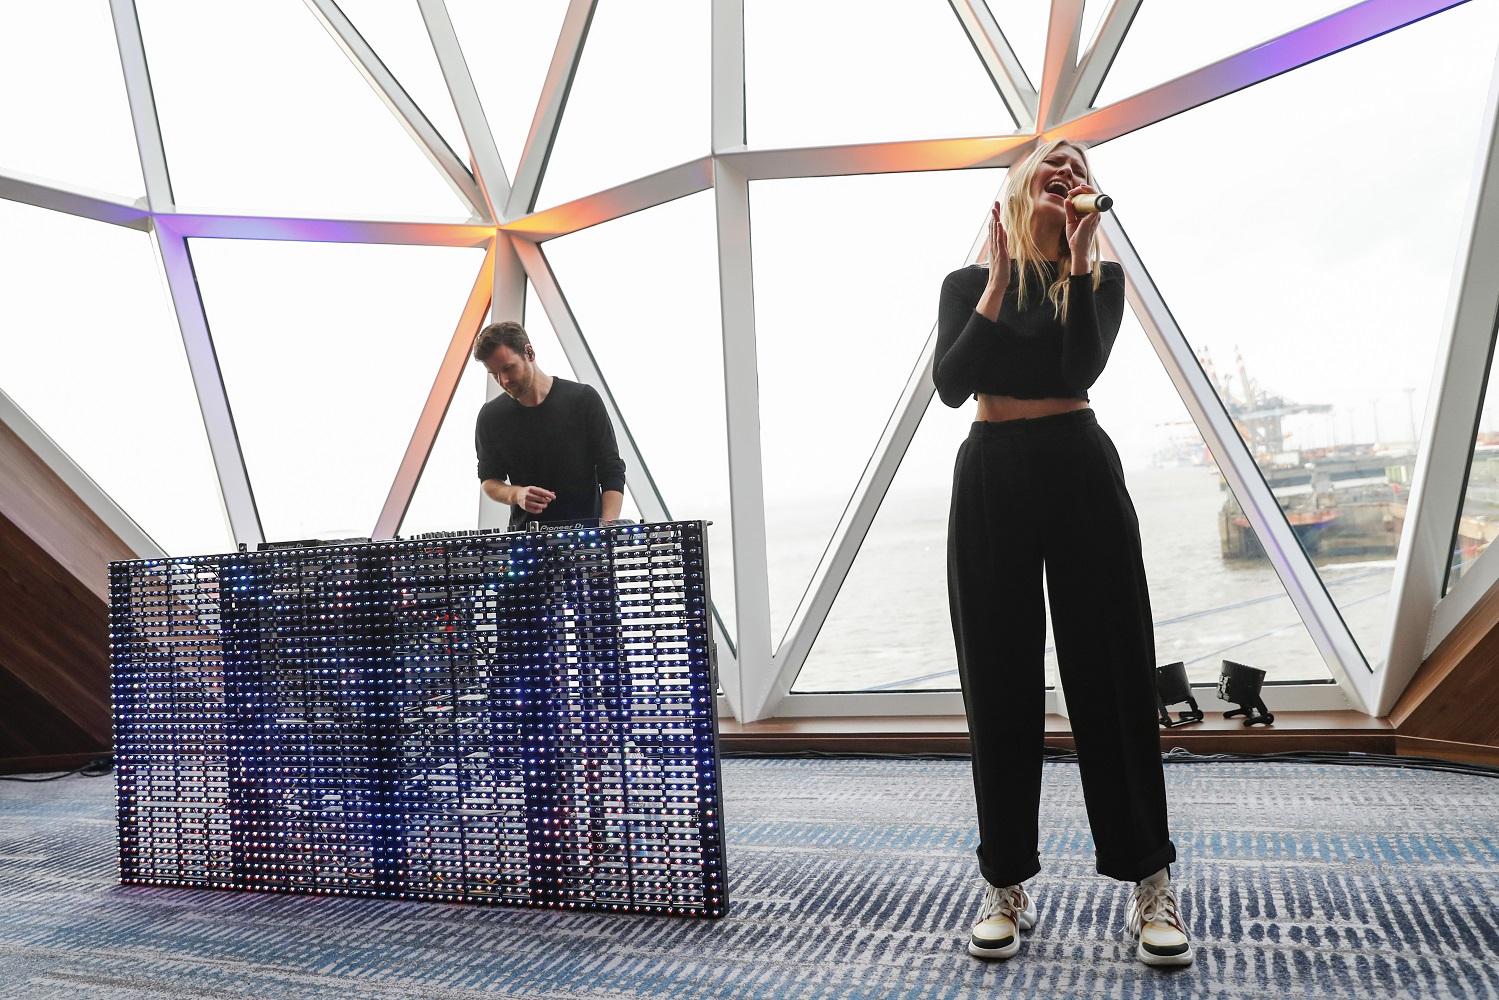 Konzert mit Gänsehaut: Glasperlenspiel im Esszimmer der neuen Mein Schiff 2 (Photo by Franziska Krug/Getty Images for TUI Cruises)